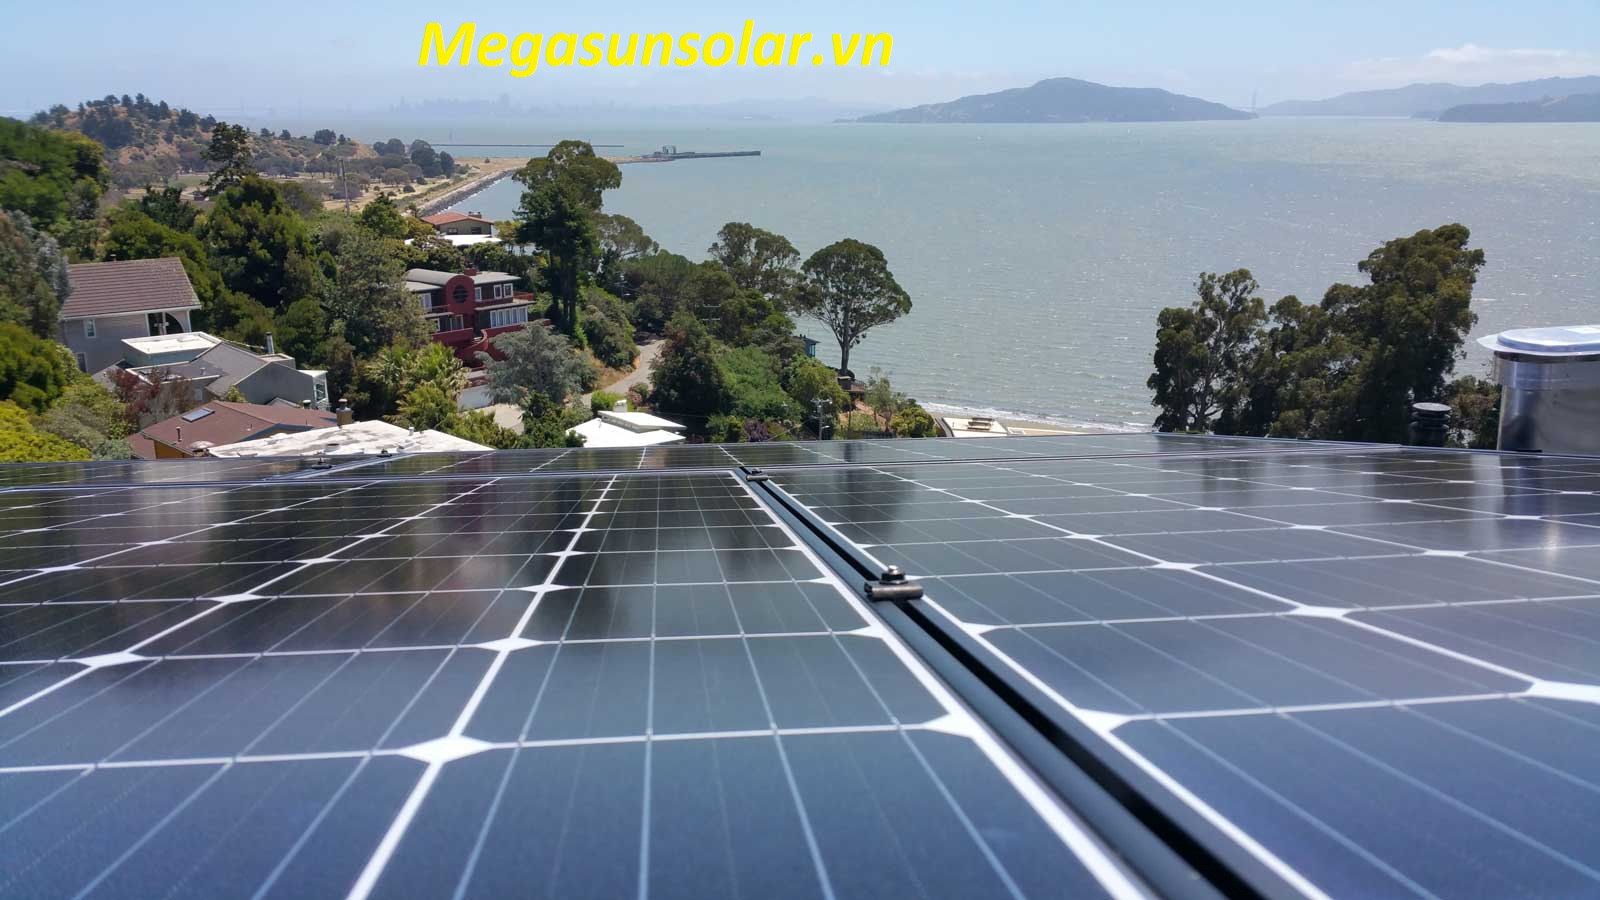 Pin điện năng lượng mặt trời hòa lưới Megasun